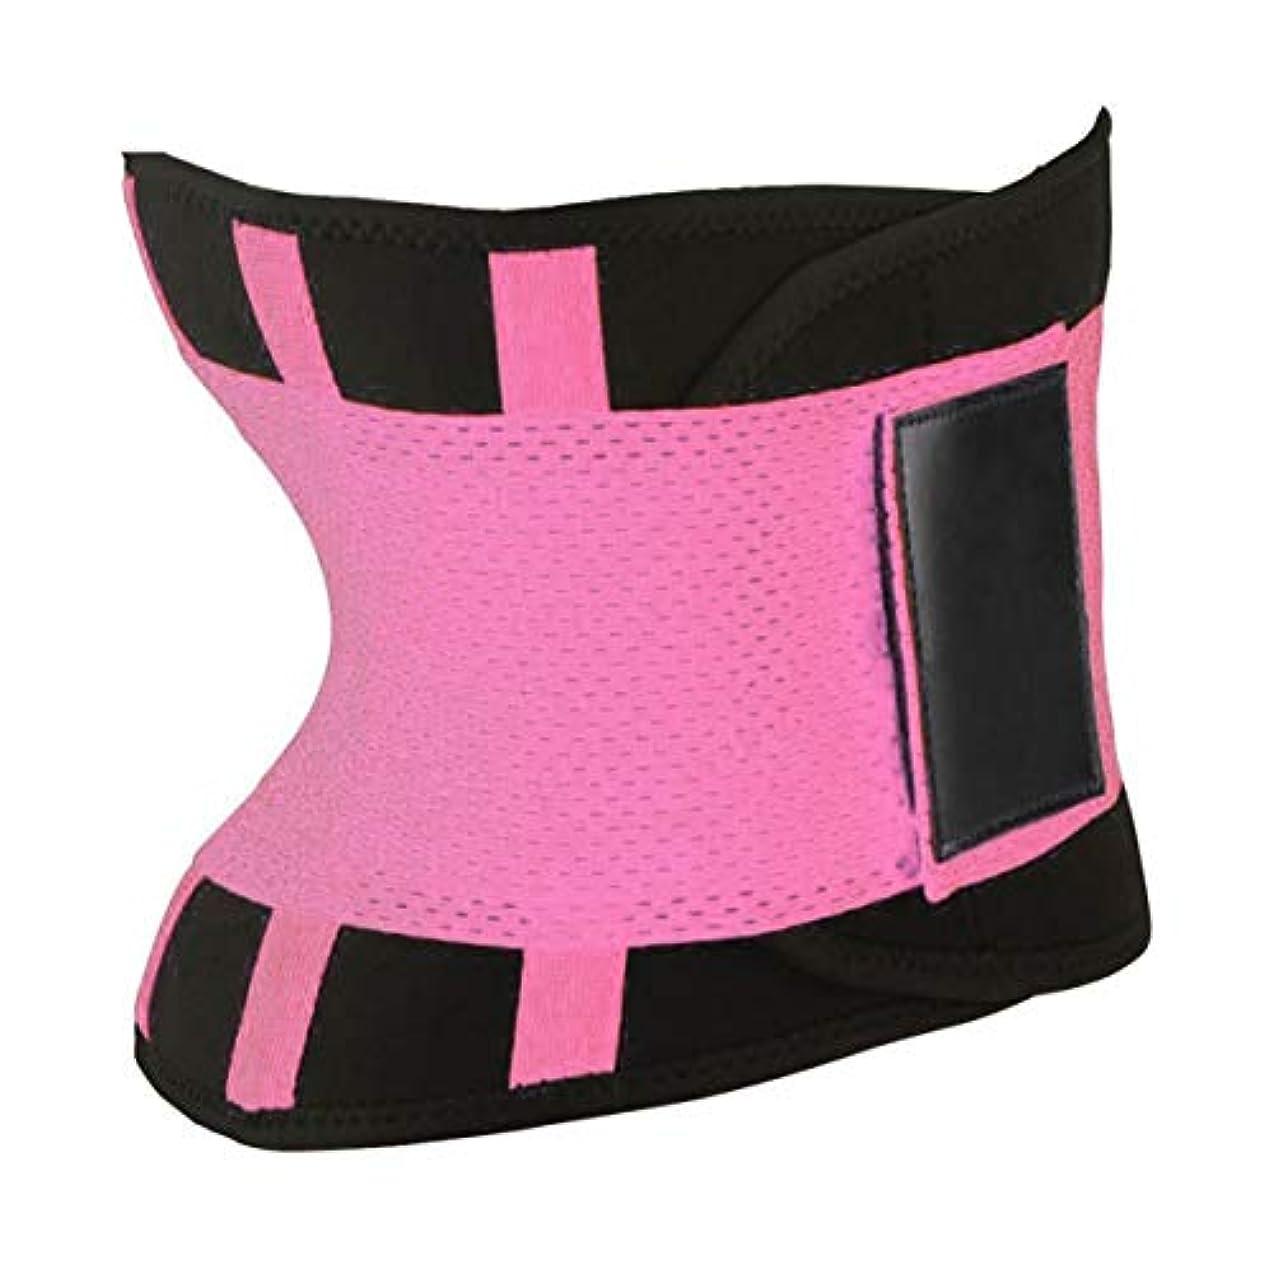 承知しました弱める真空快適な女性ボディシェイパー痩身シェイパーベルトスポーツ女性ウエストトレーナーニッパー制御バーニングボディおなかベルト - ピンク2xl